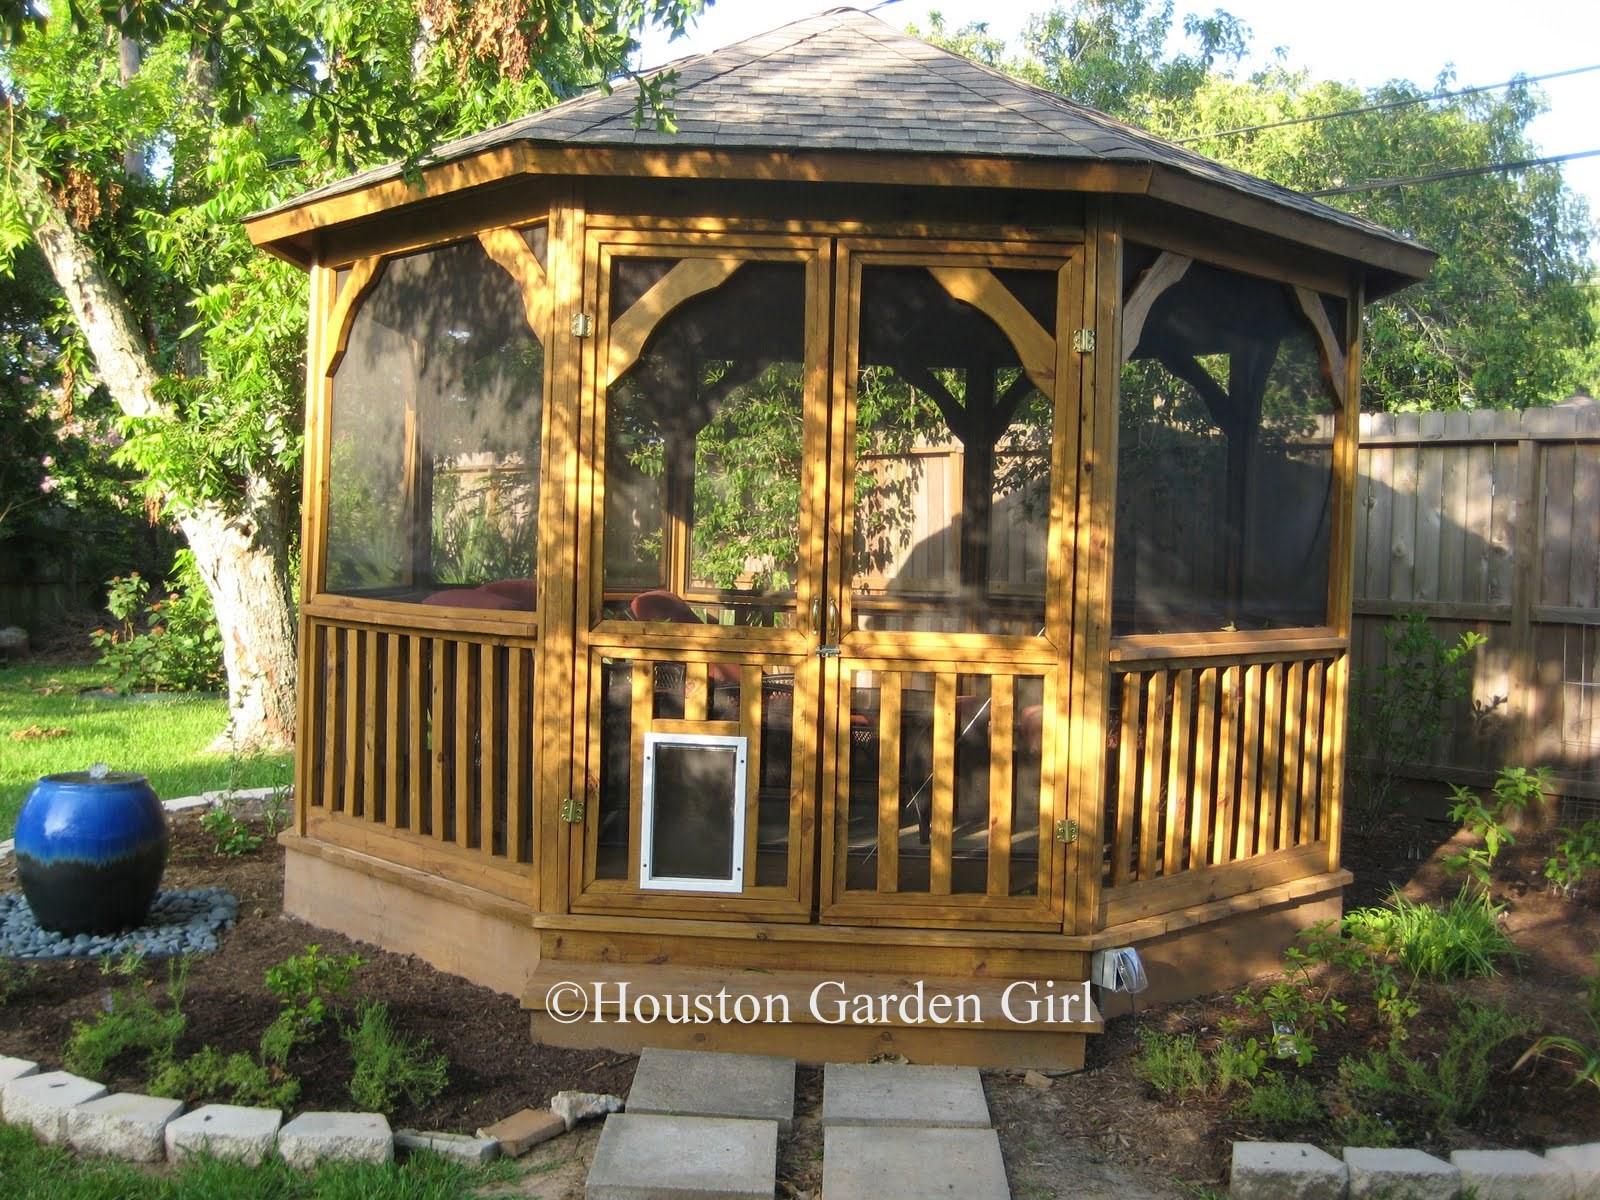 Houston Garden Girl: Relaxin in the Gazebo